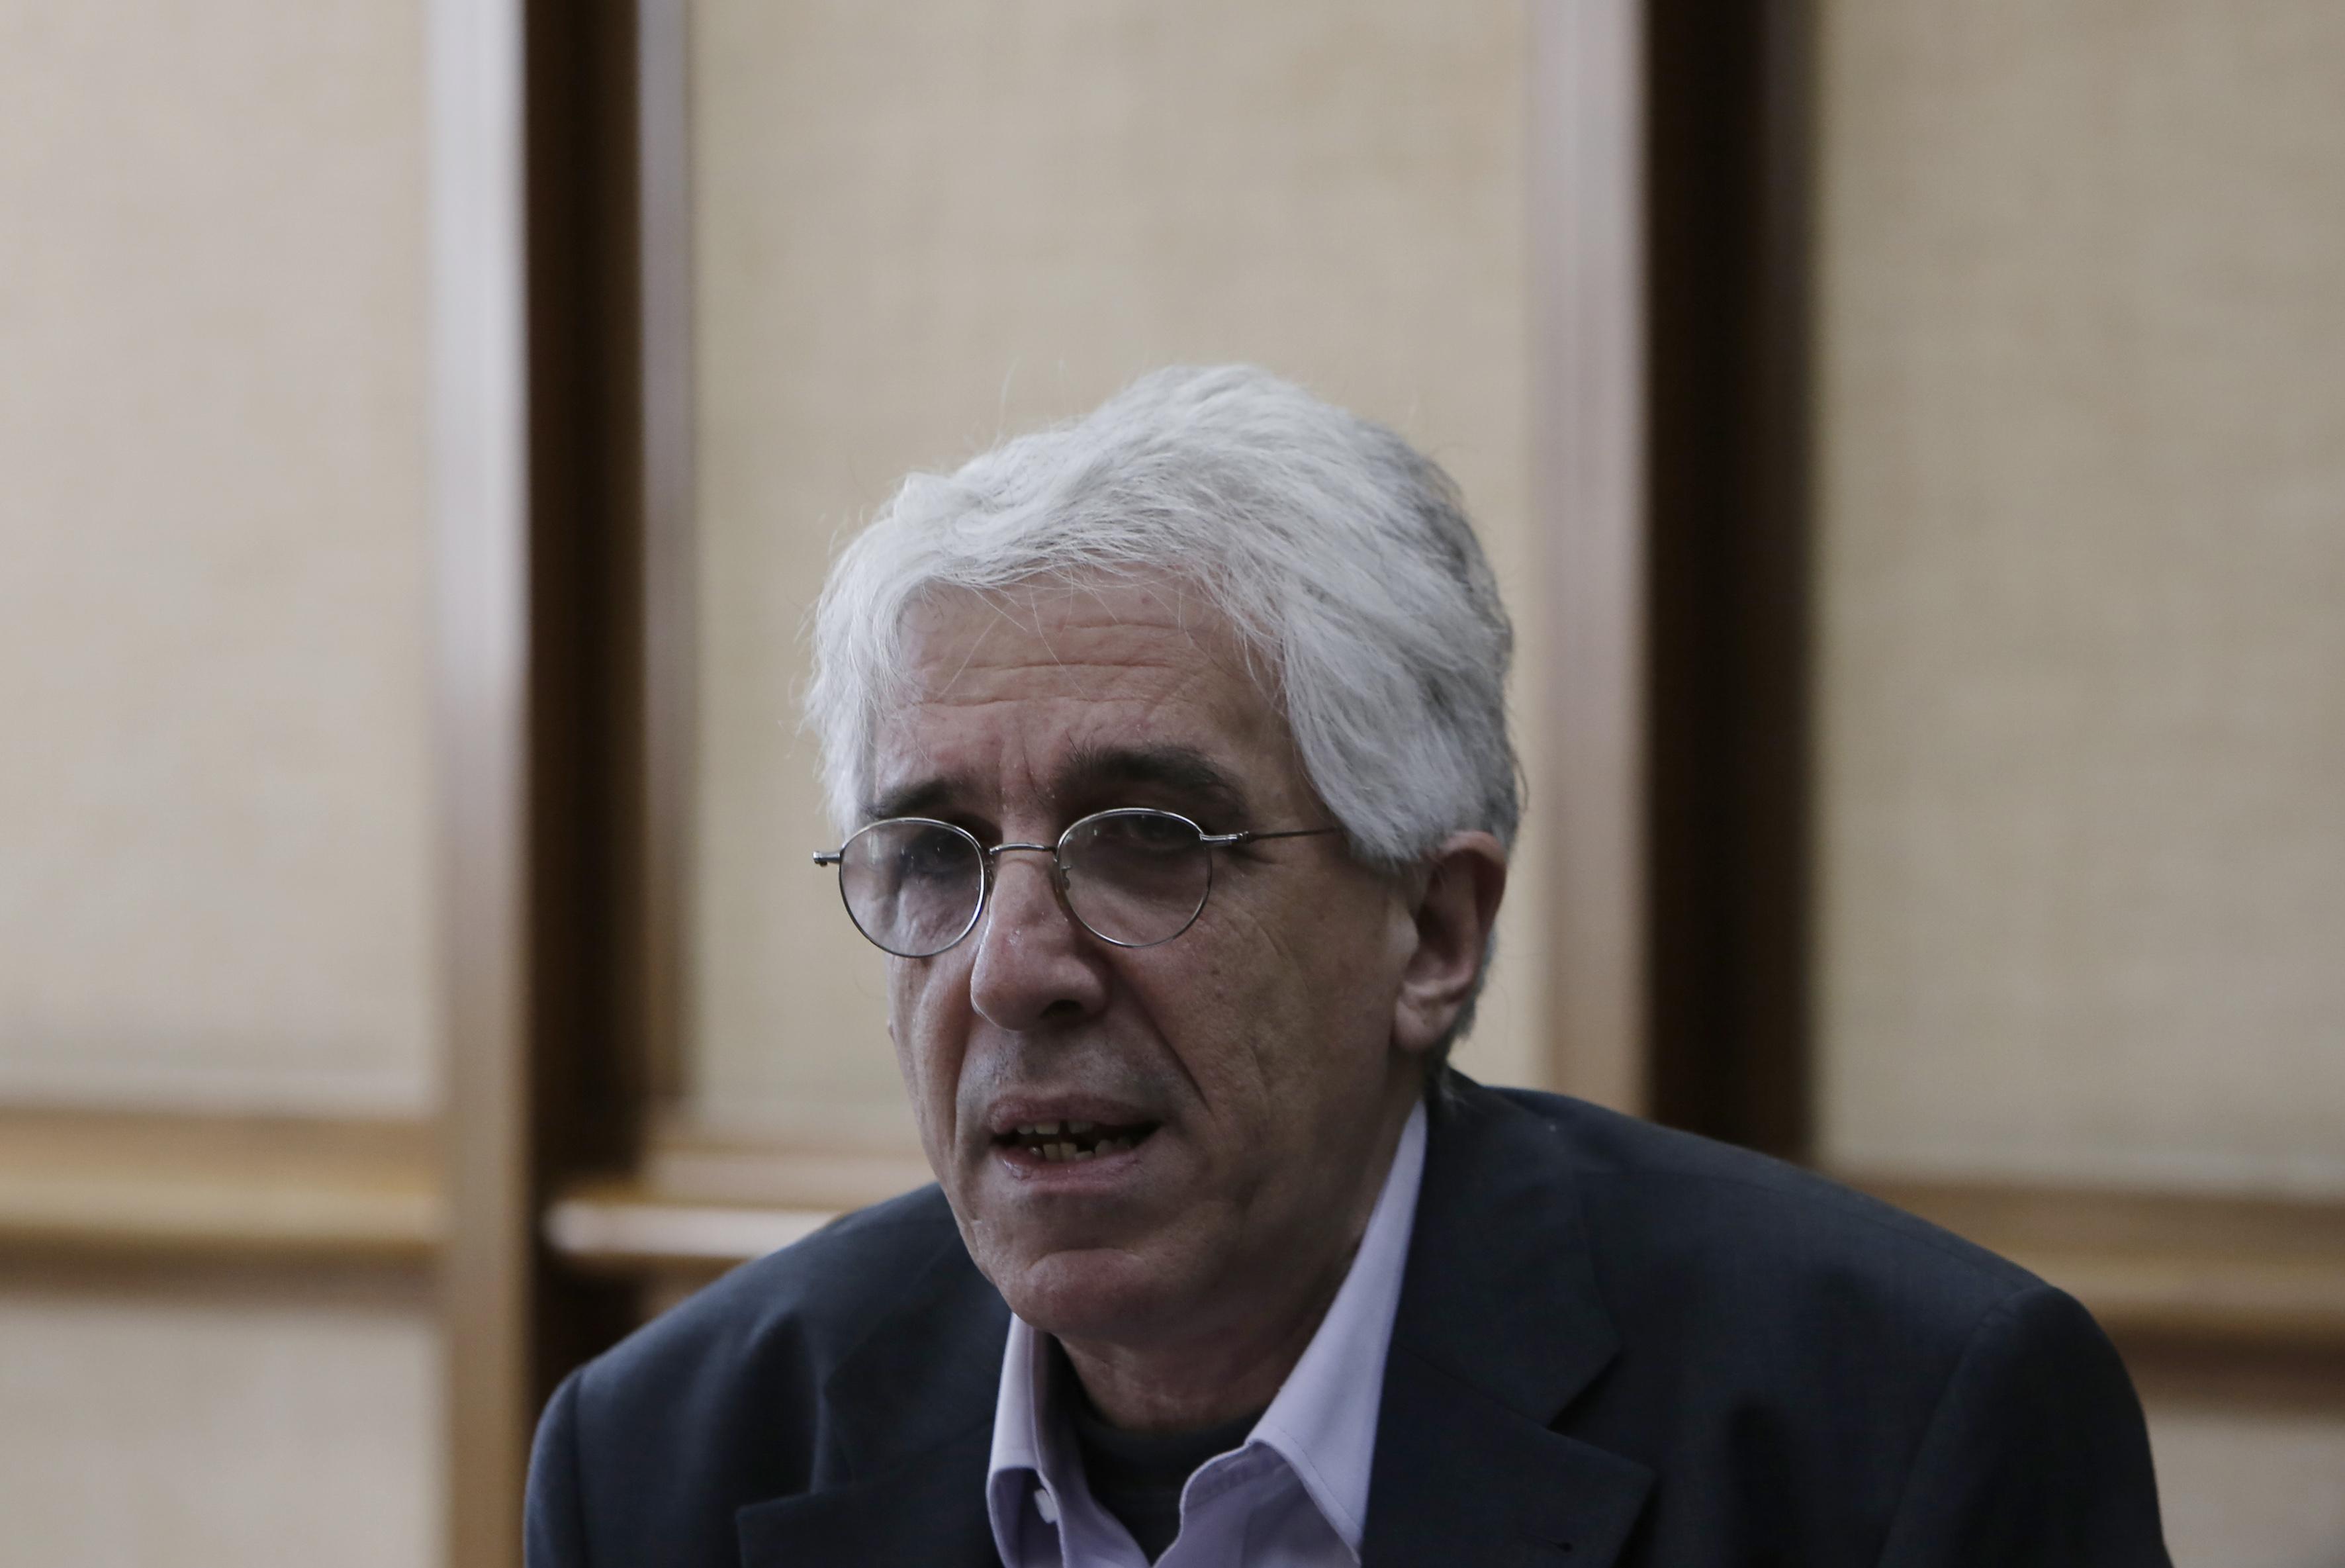 Παρασκευόπουλος: «Δεν υπάρχουν πολιτικοί κρατούμενοι στην Ελλάδα»   tovima.gr